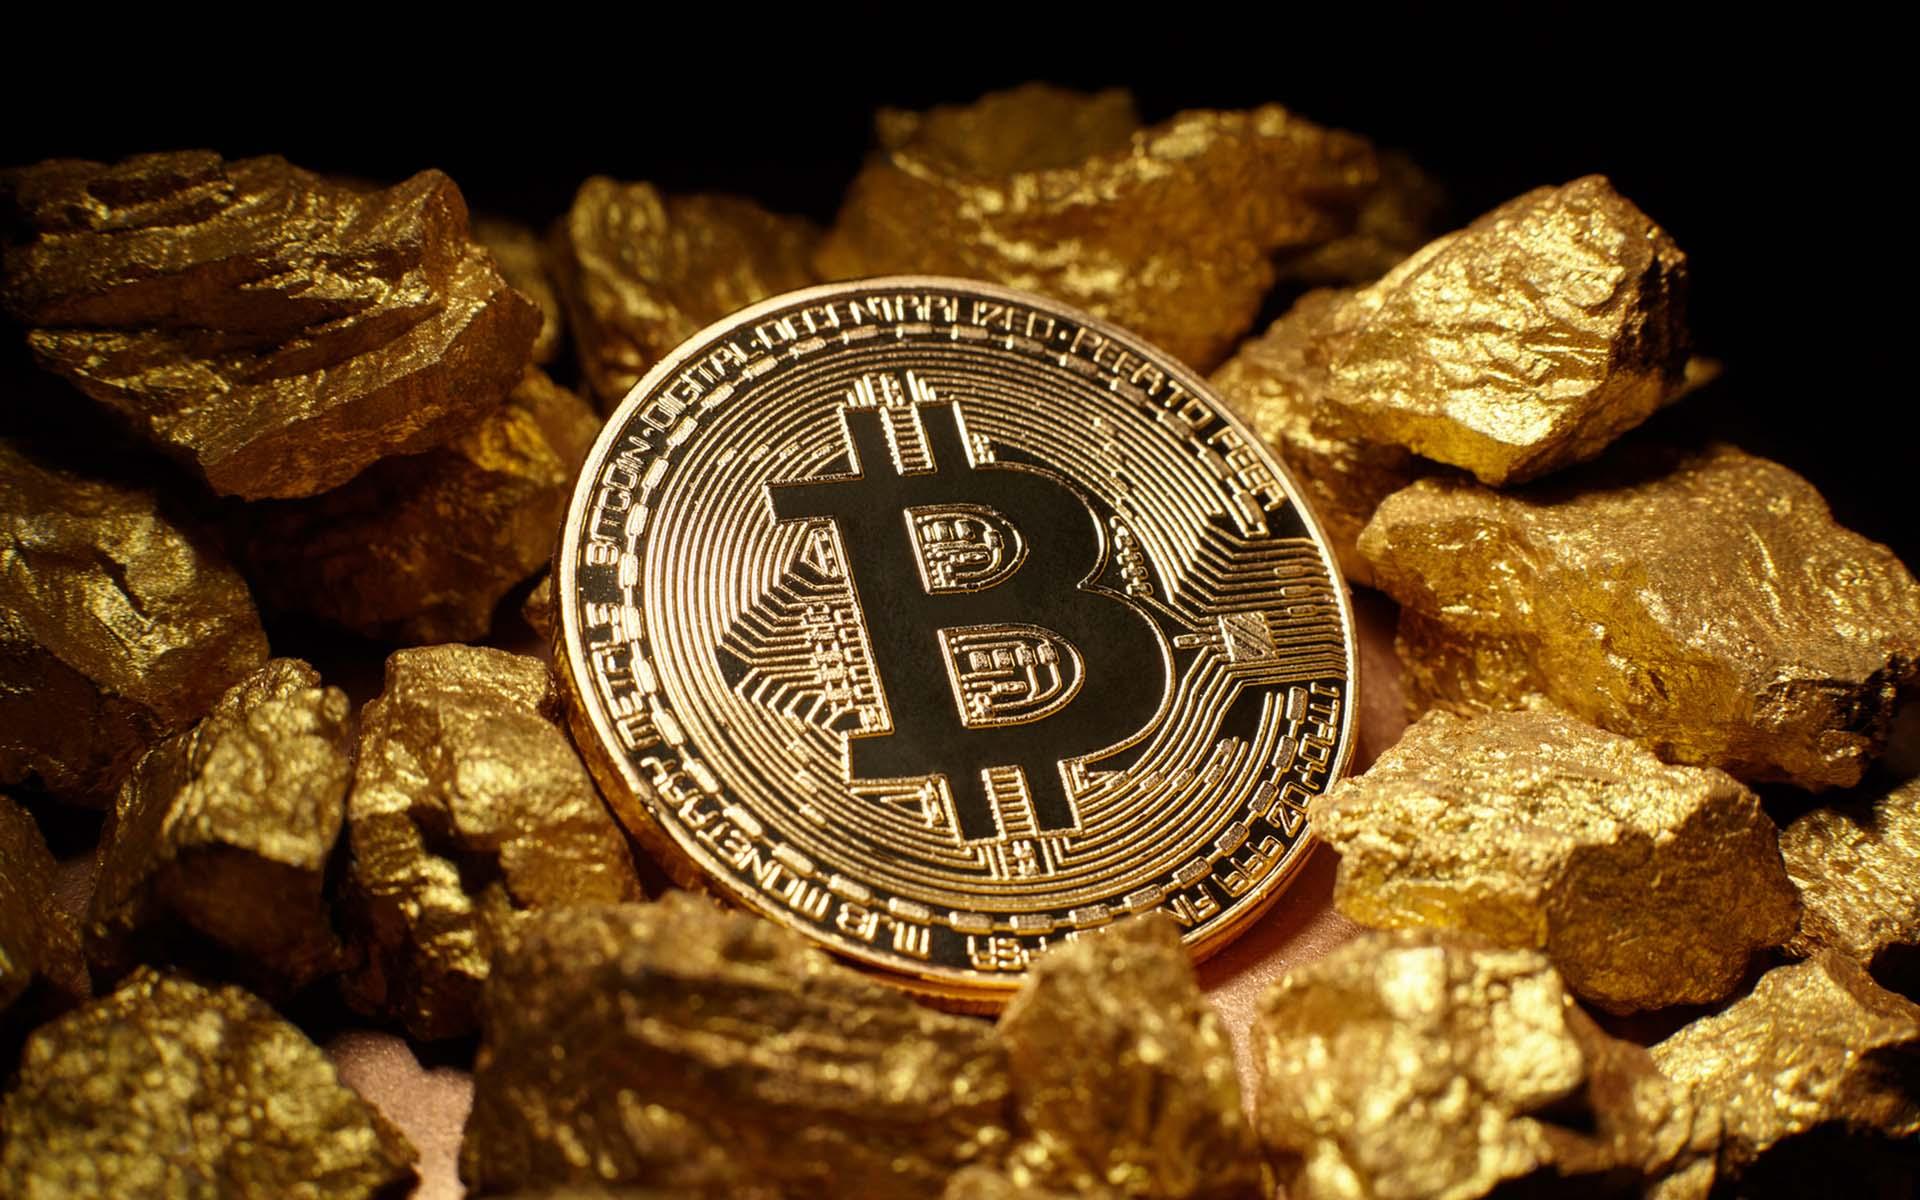 Nick Szabo: Los bancos centrales podrían preferir las criptomonedas por  encima del oro - Cypherbits